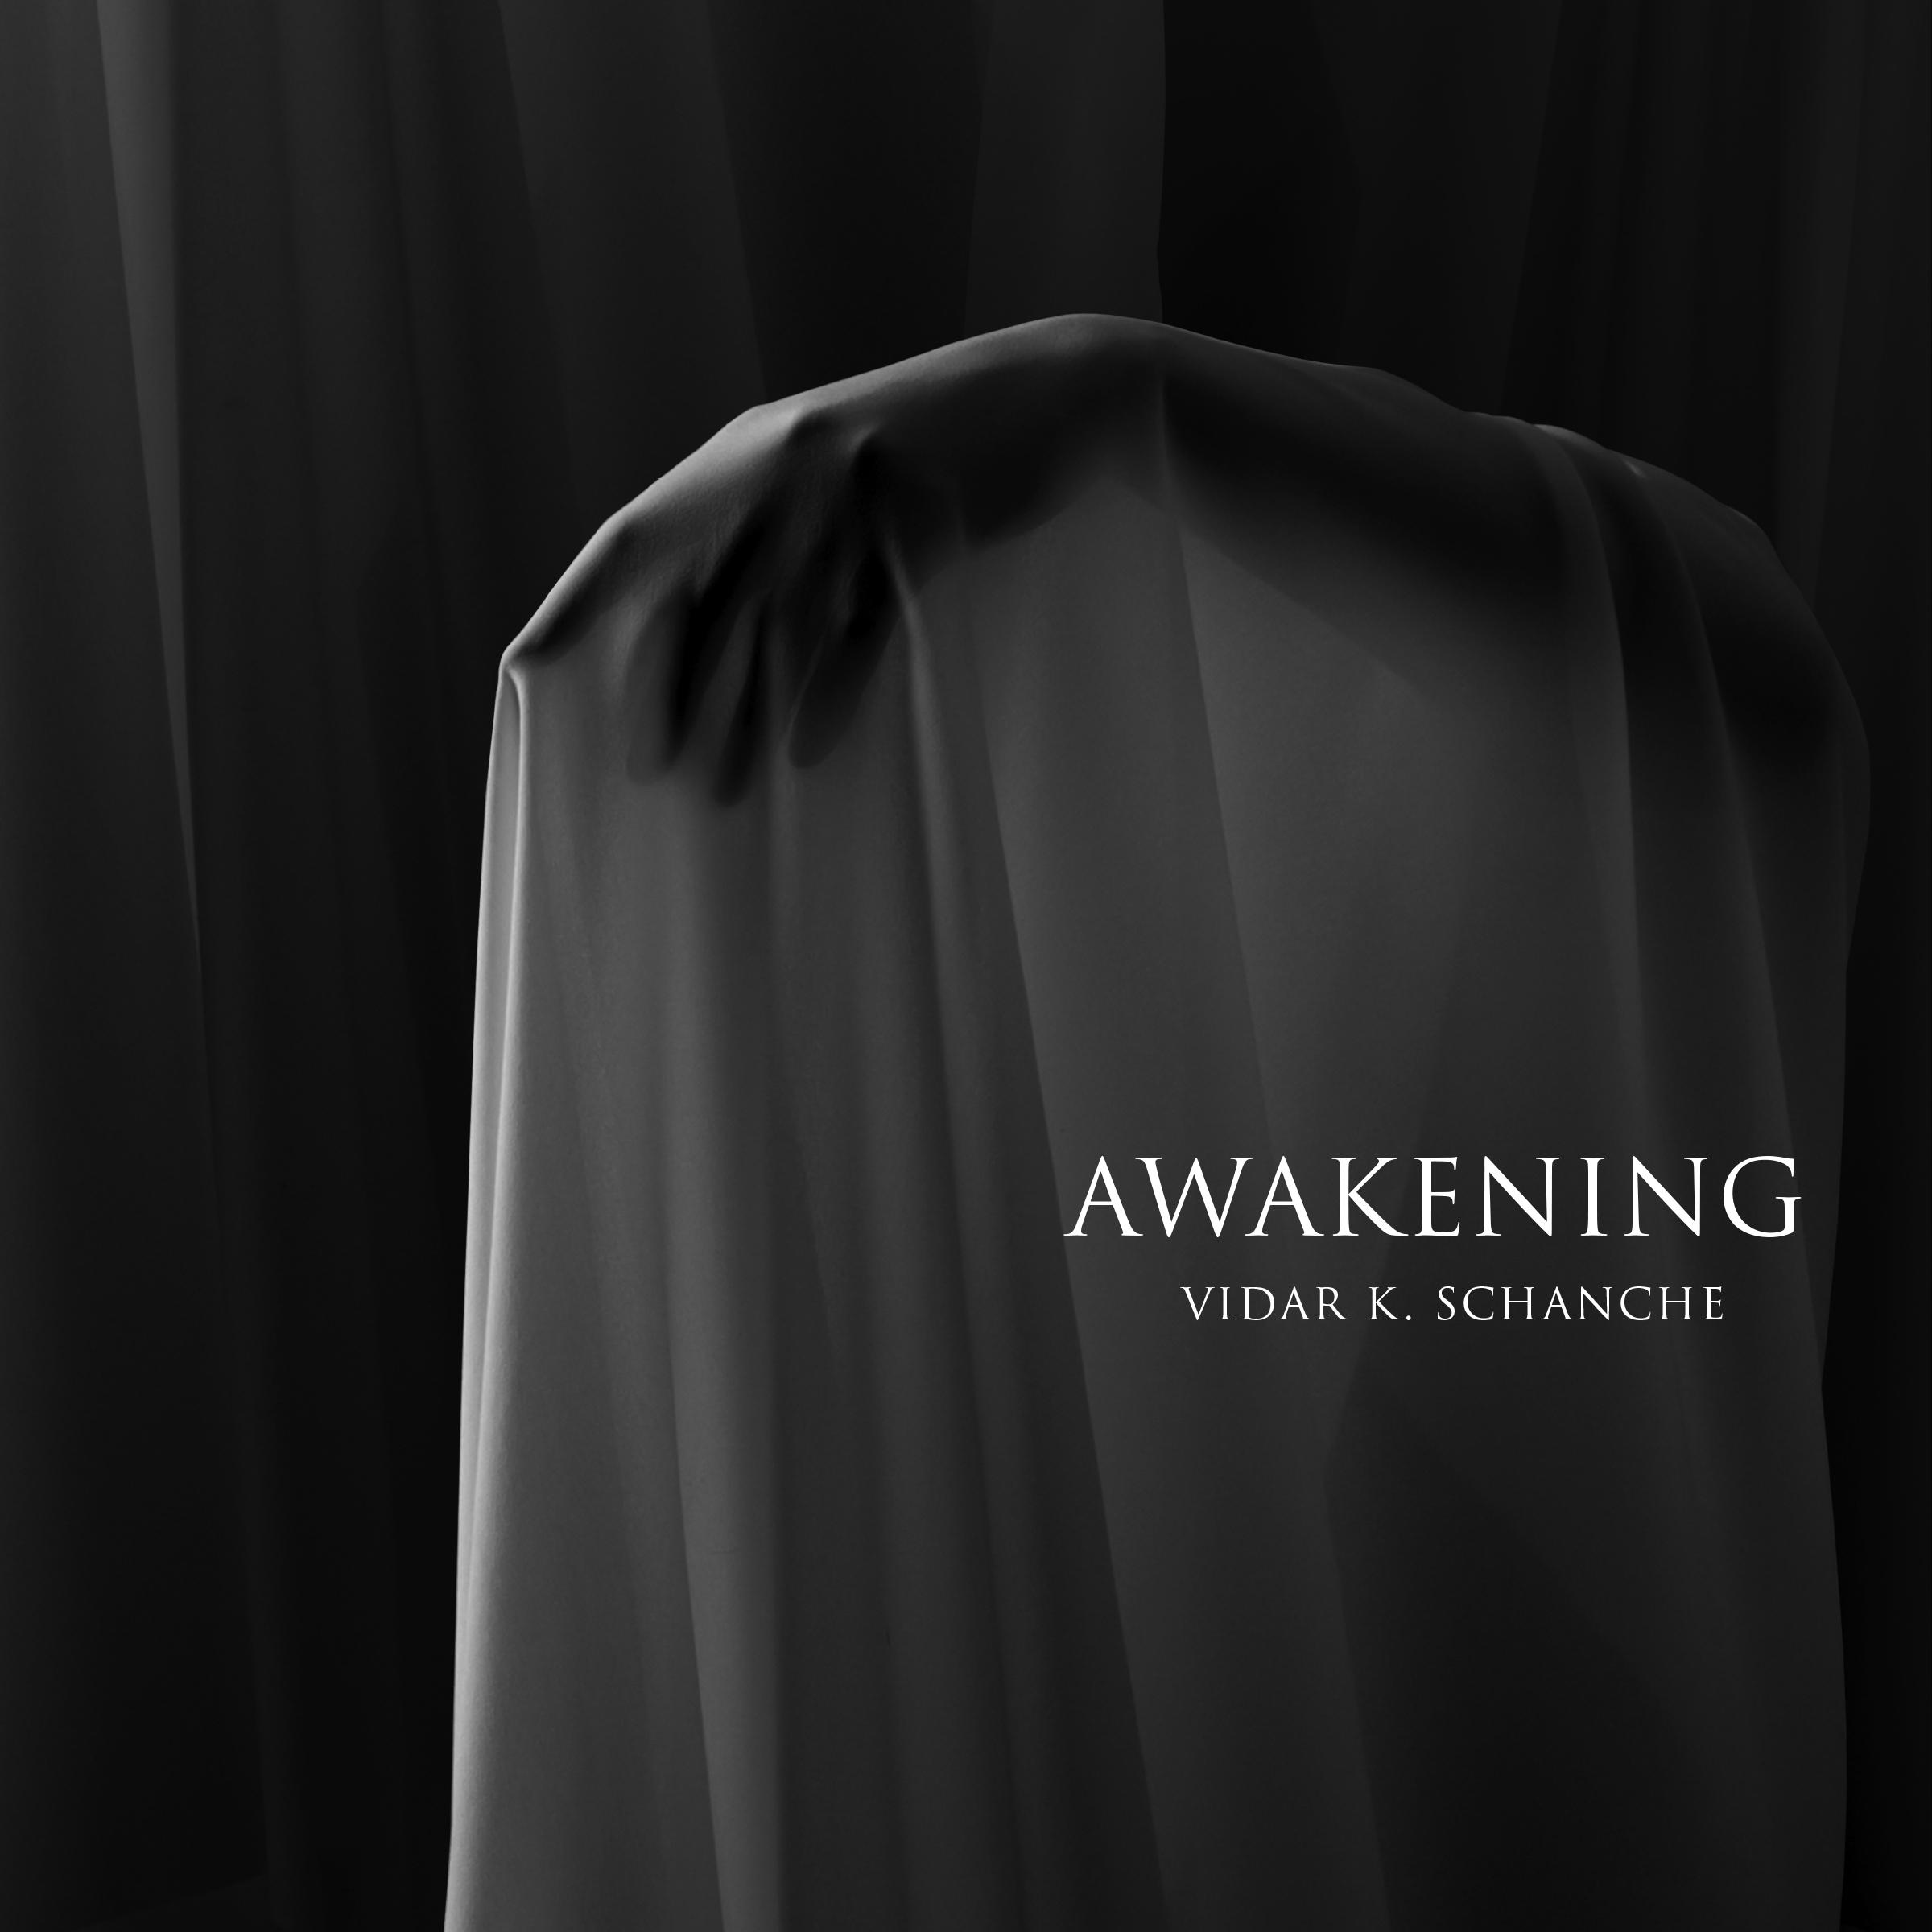 awakening-front.jpg